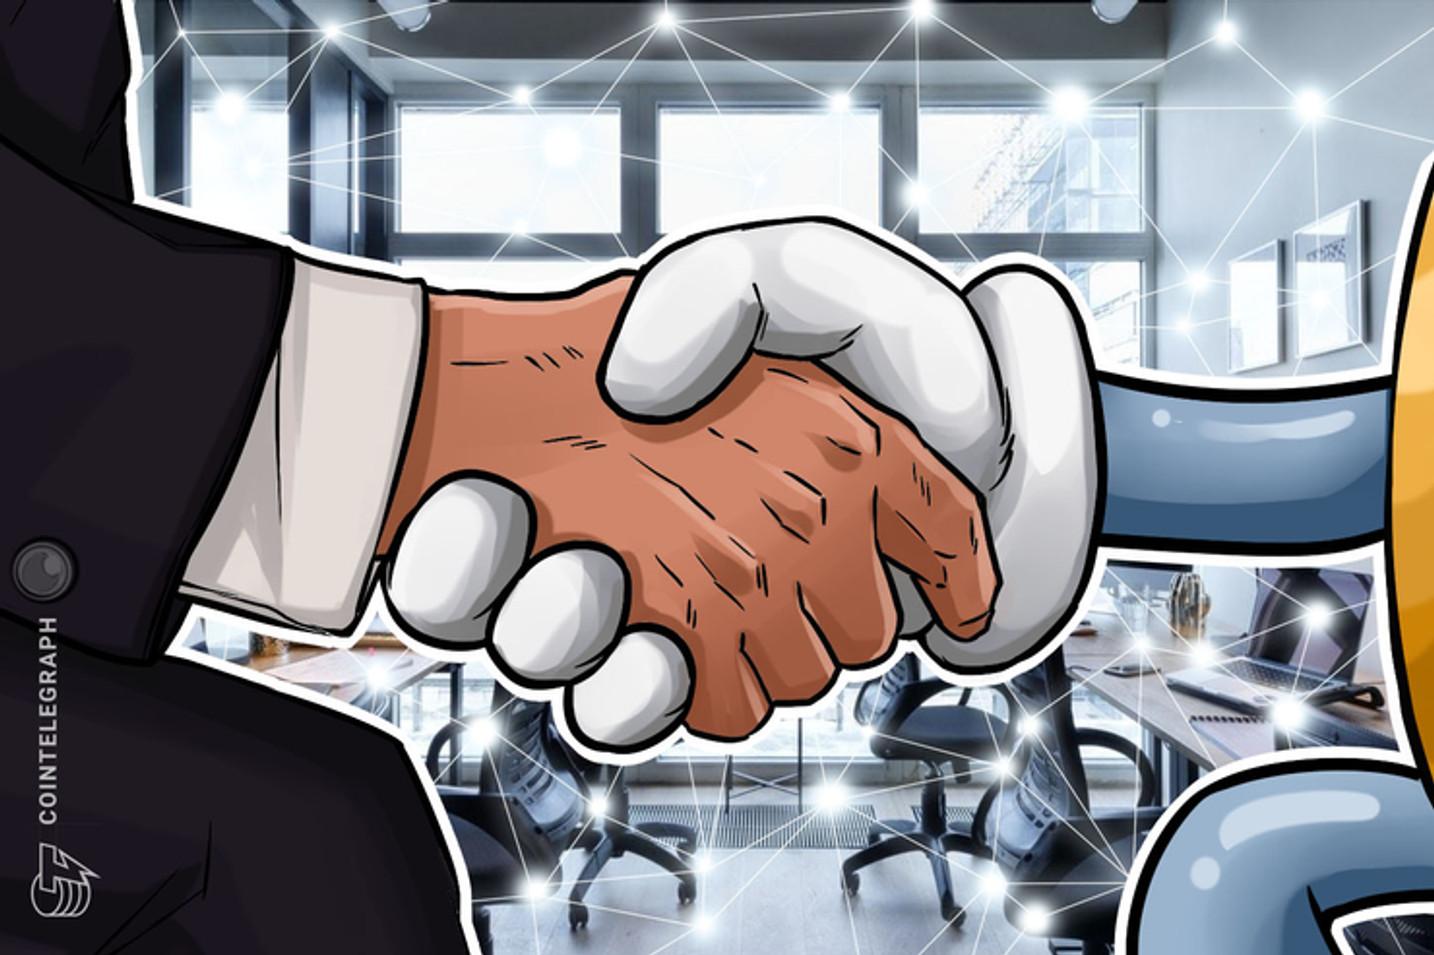 Peter McCormack y Anthony Pompliano creen que los gobiernos están acumulando Bitcoin